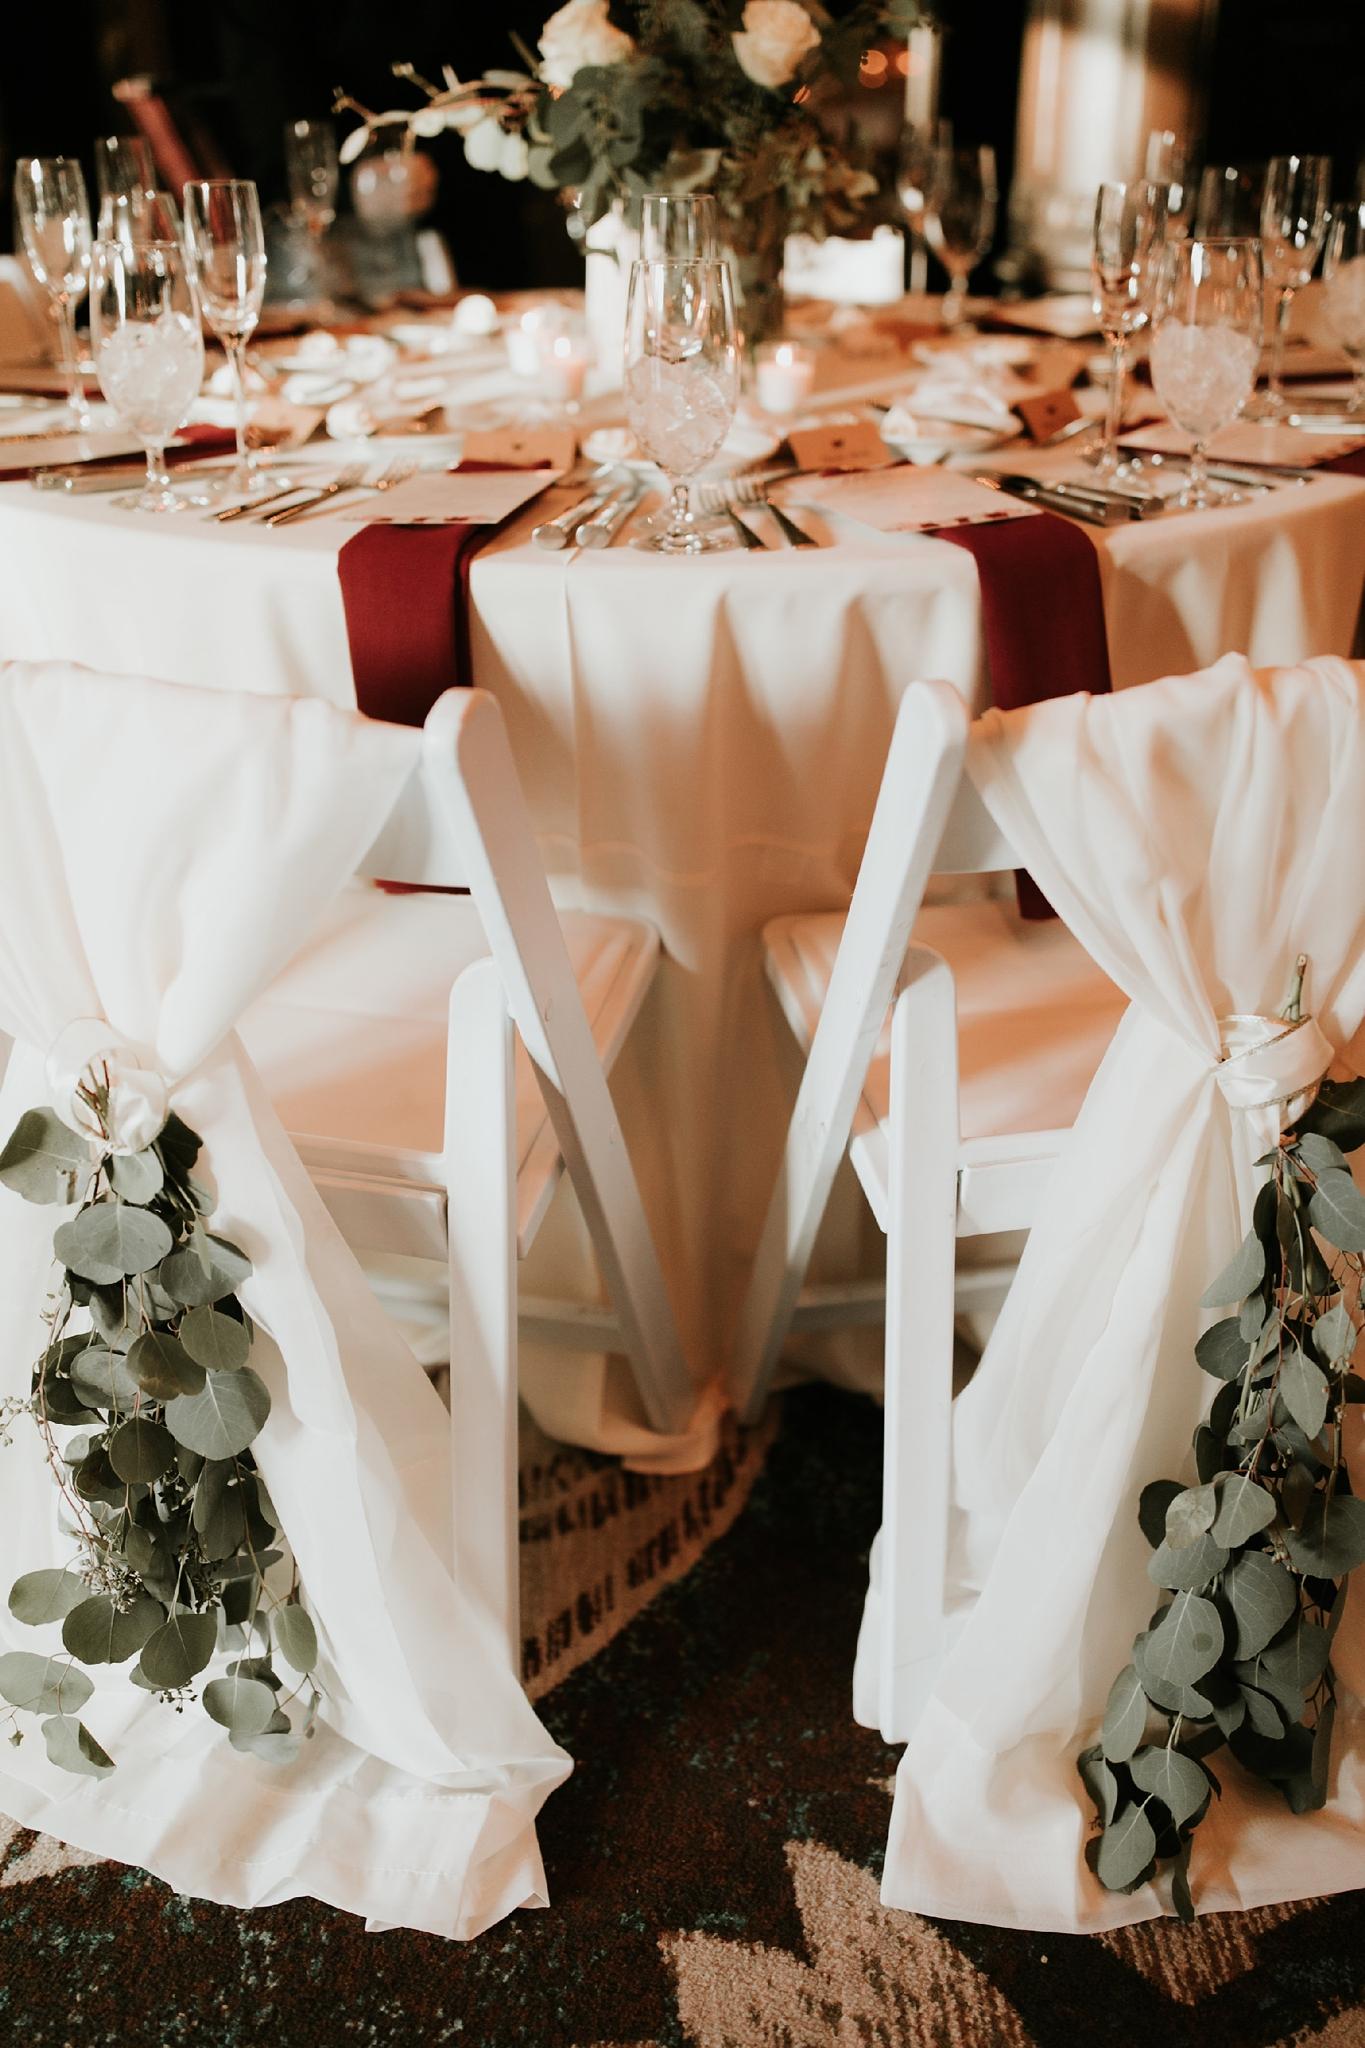 Alicia+lucia+photography+-+albuquerque+wedding+photographer+-+santa+fe+wedding+photography+-+new+mexico+wedding+photographer+-+new+mexico+wedding+-+wedding+-+winter+wedding+-+wedding+reception+-+winter+wedding+reception_0095.jpg